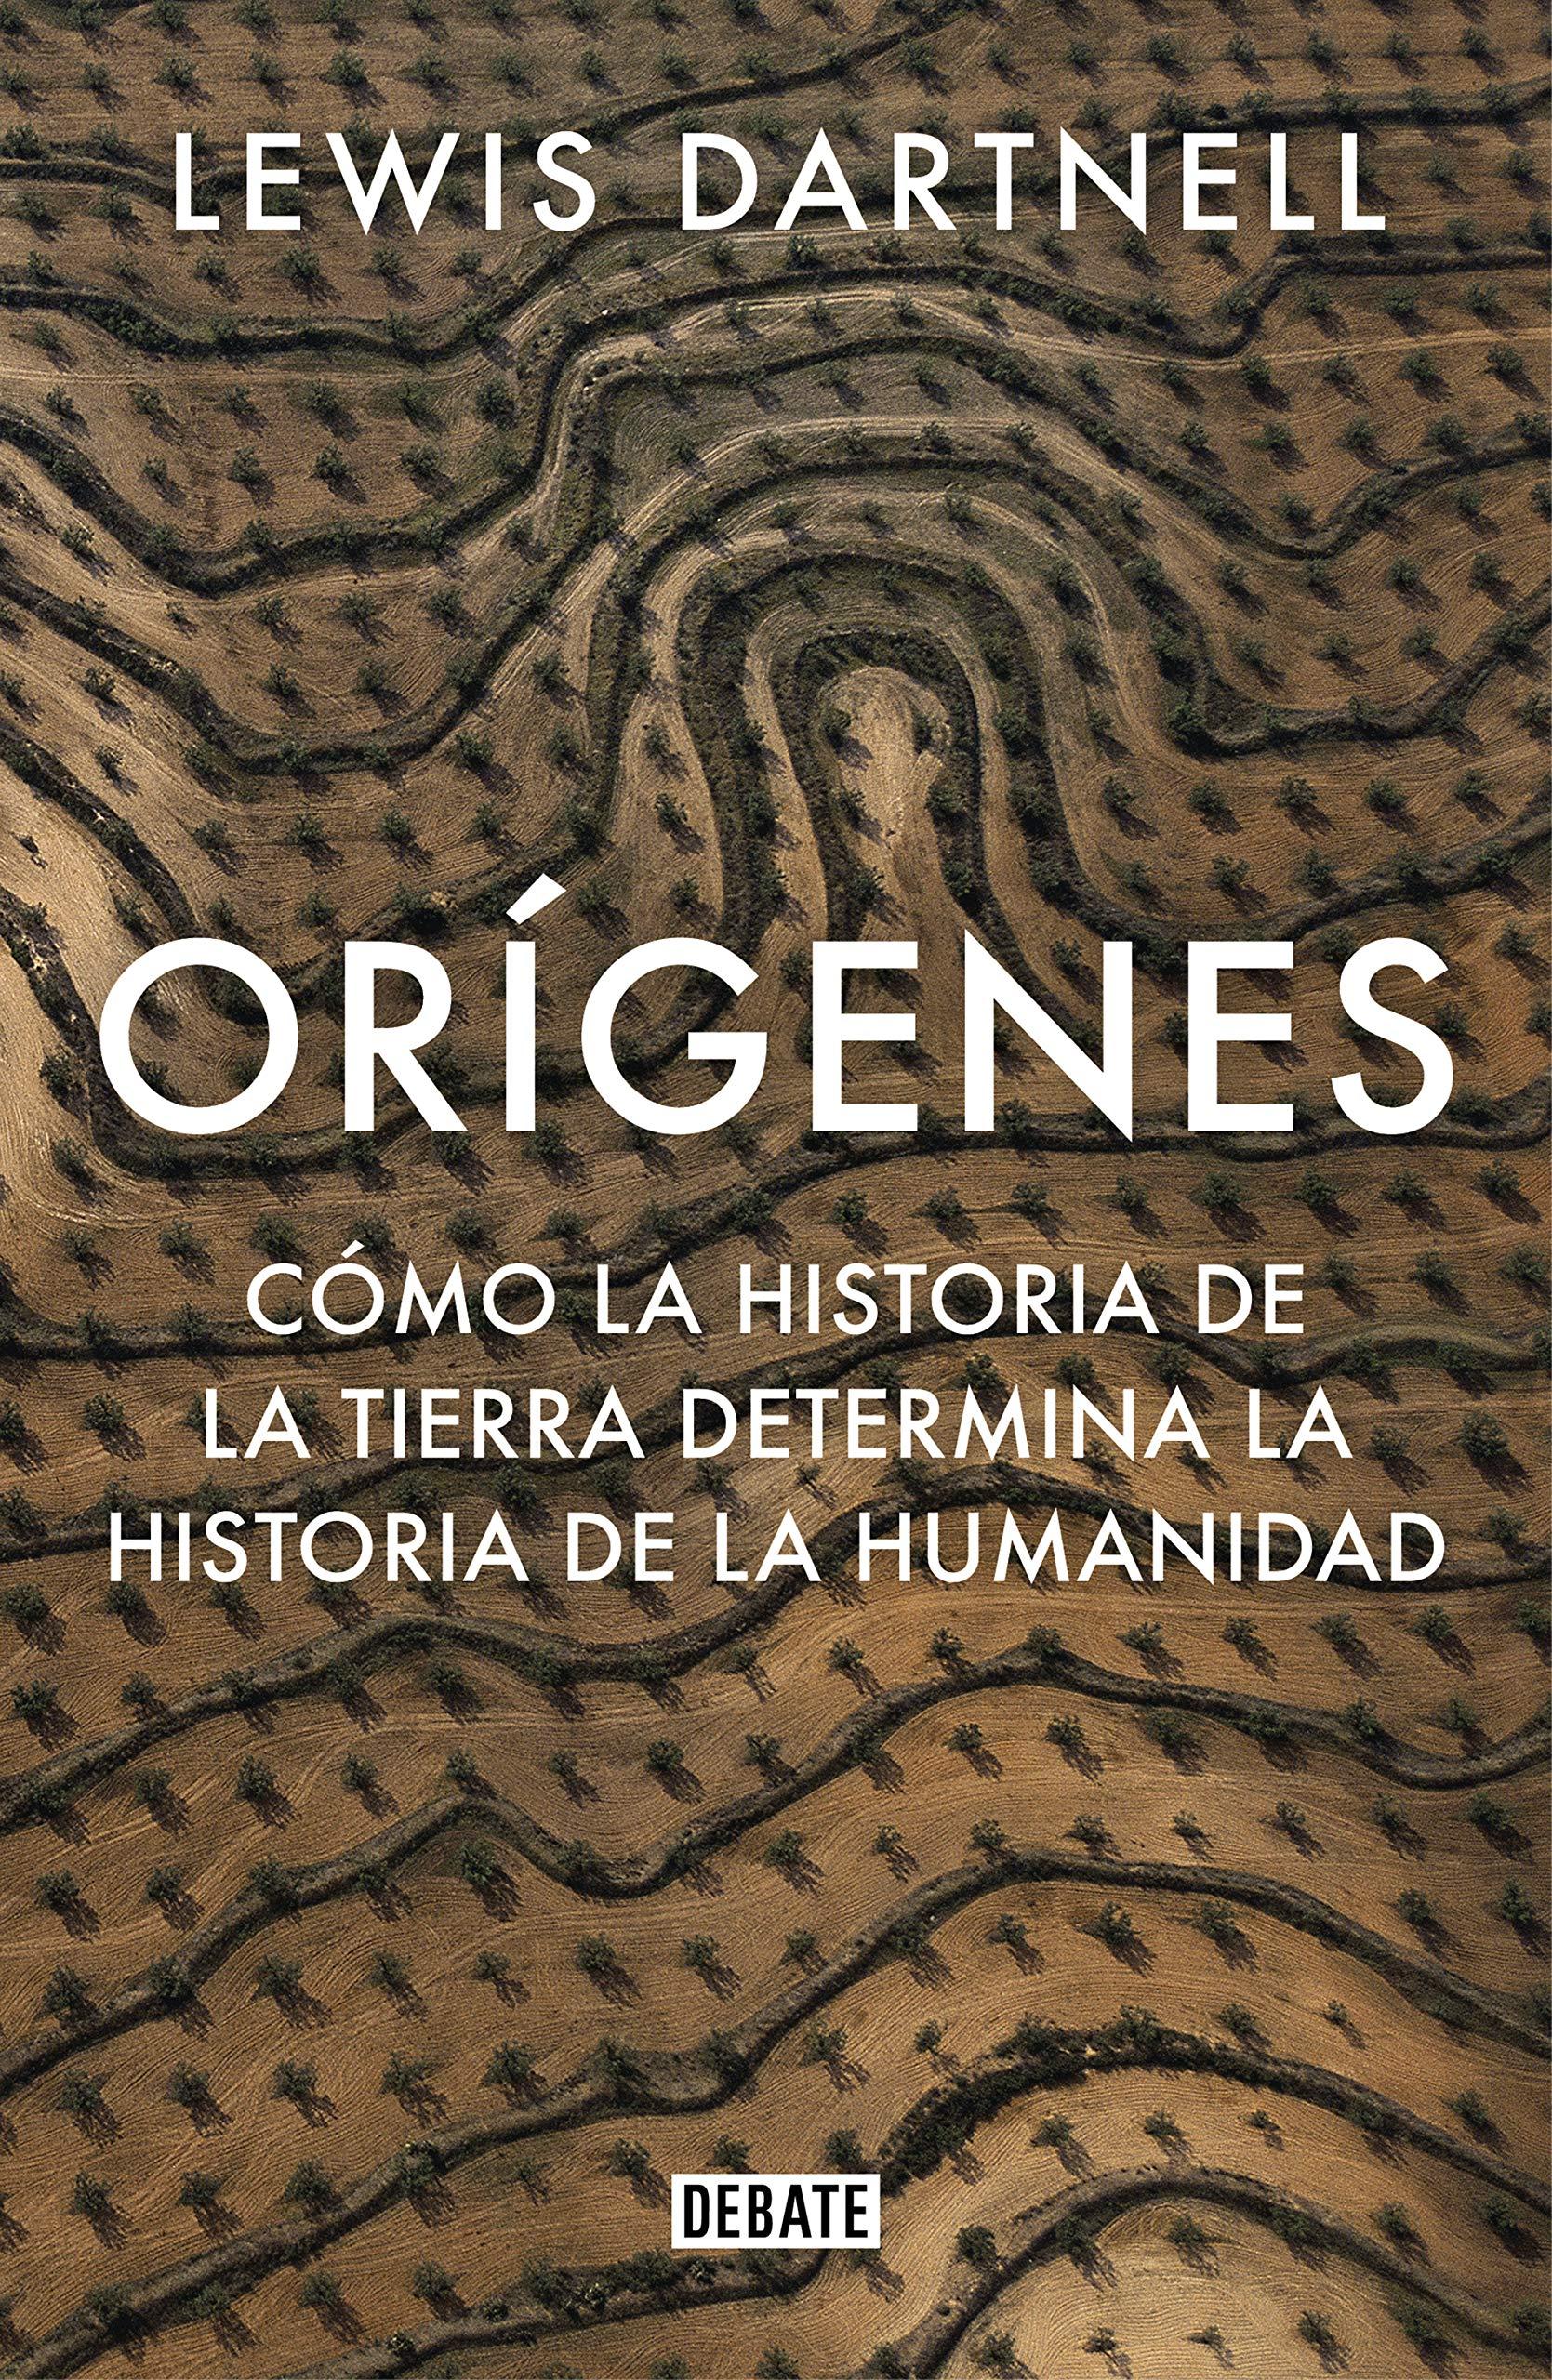 Orígenes: Cómo la historia de la Tierra determina la historia de la humanidad (Ciencia y Tecnología) por Lewis Dartnell